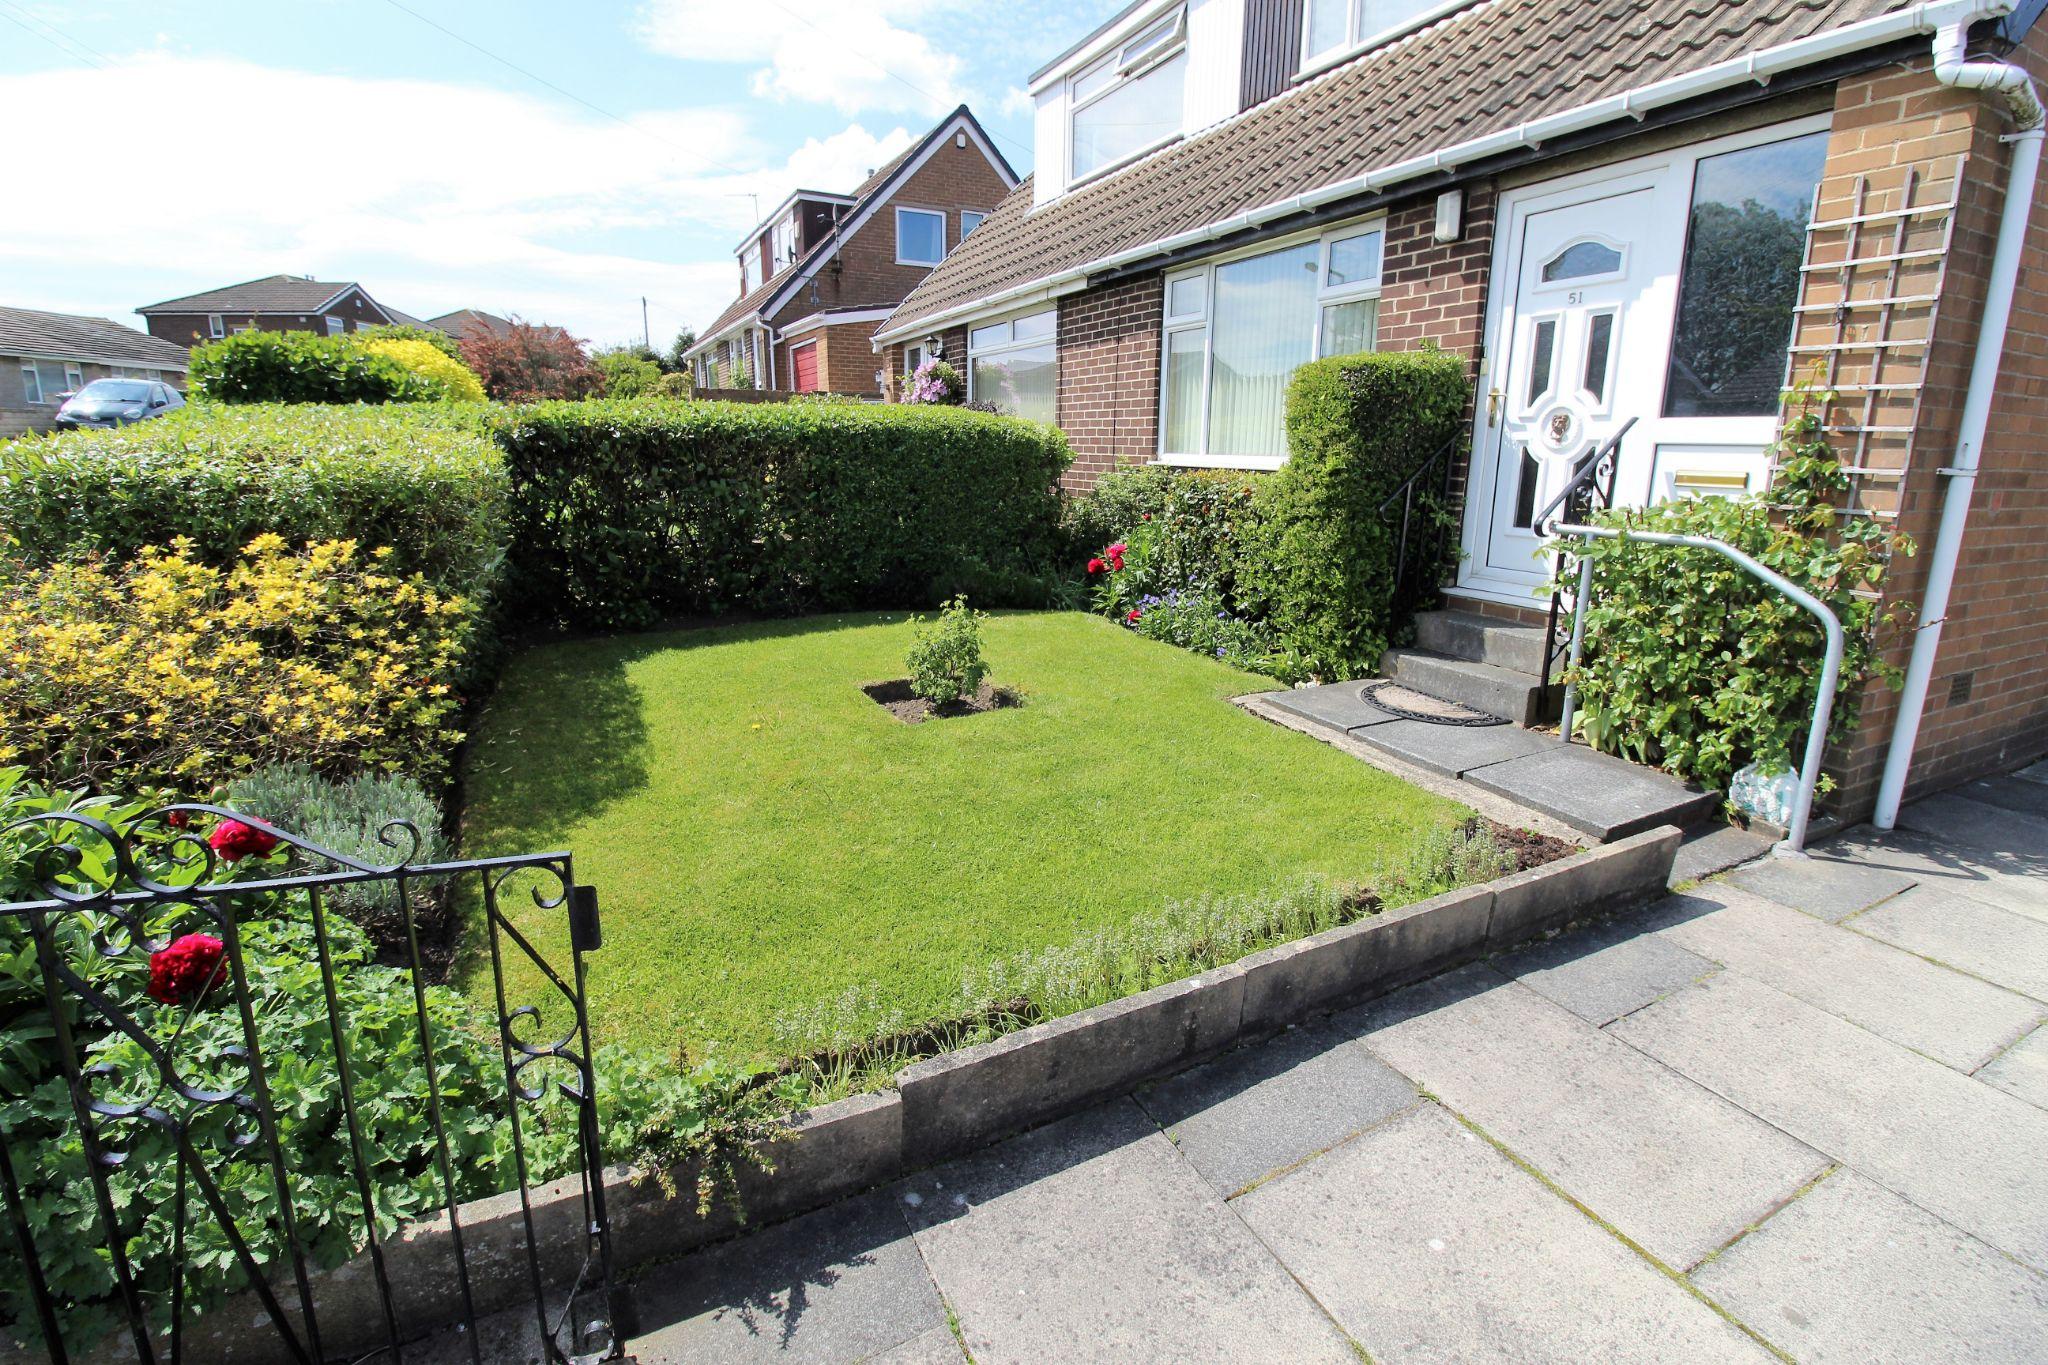 2 bedroom semi-detached bungalow SSTC in Bradford - Front garden